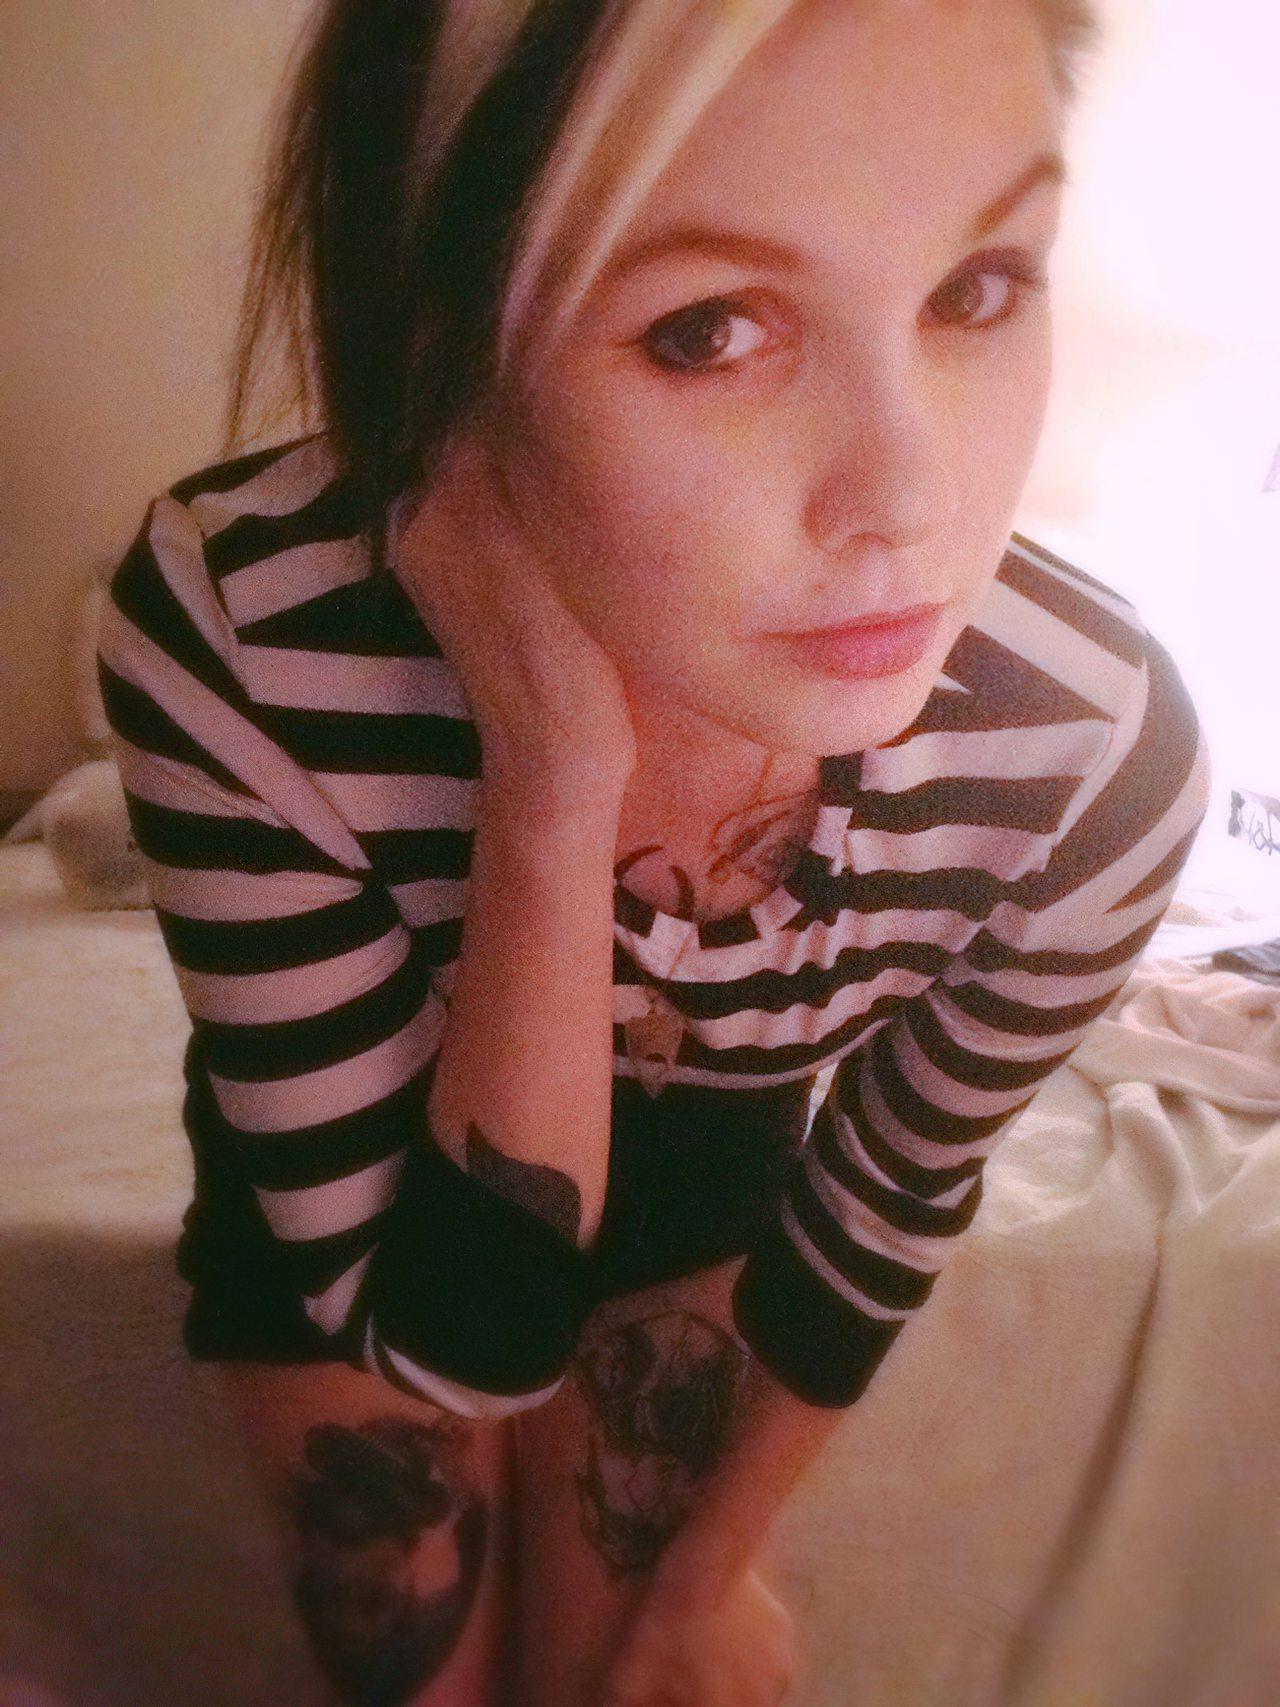 Mostrando as Tatuagens (1)